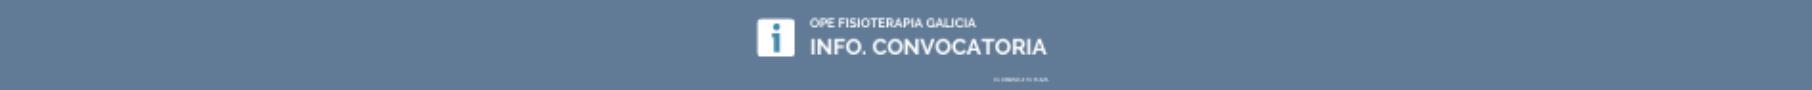 Fisio Galicia OPE